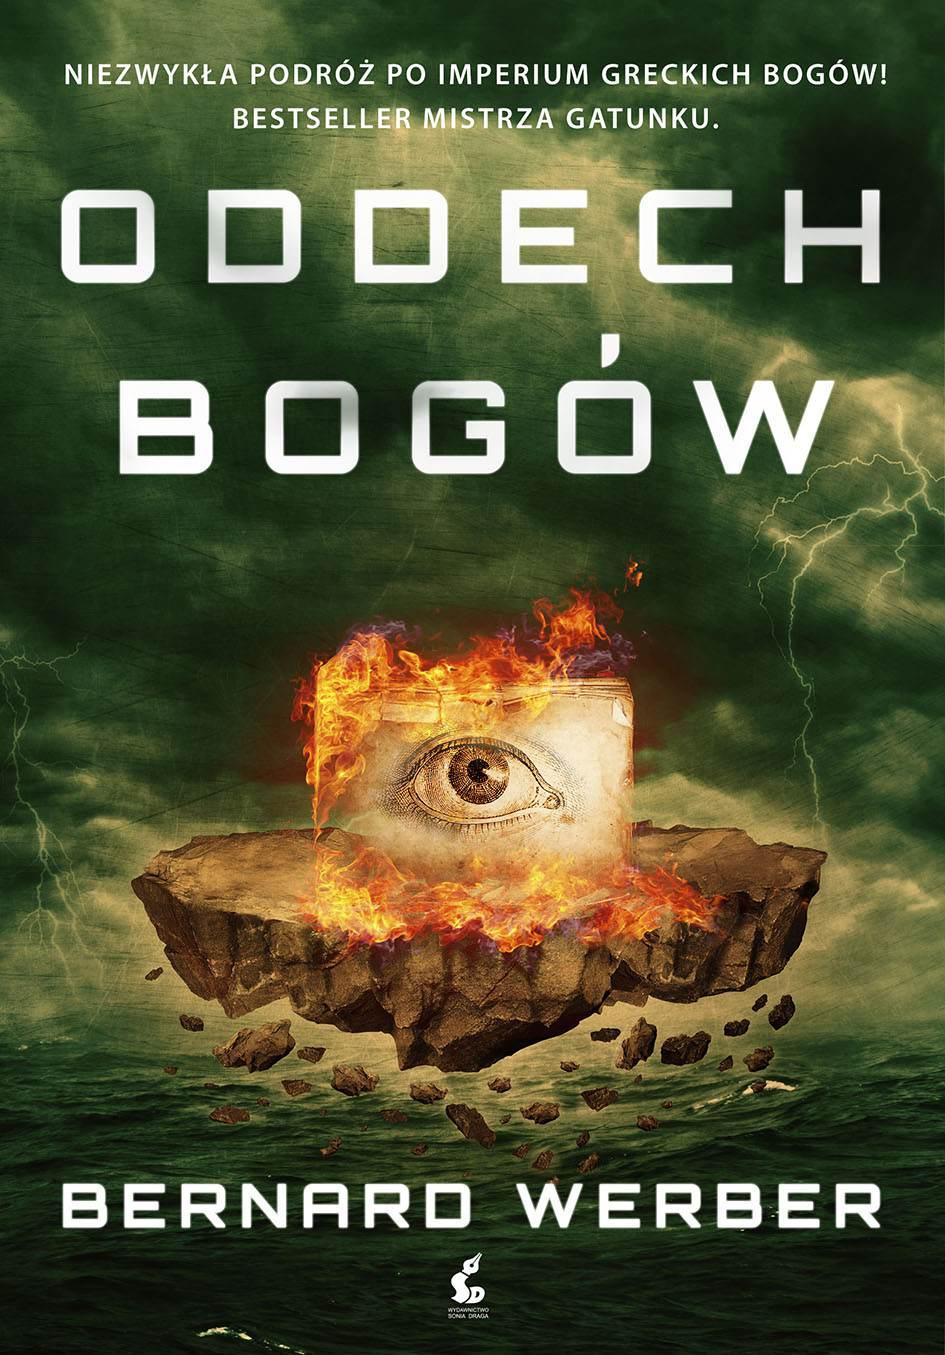 Oddech bogów - Ebook (Książka EPUB) do pobrania w formacie EPUB